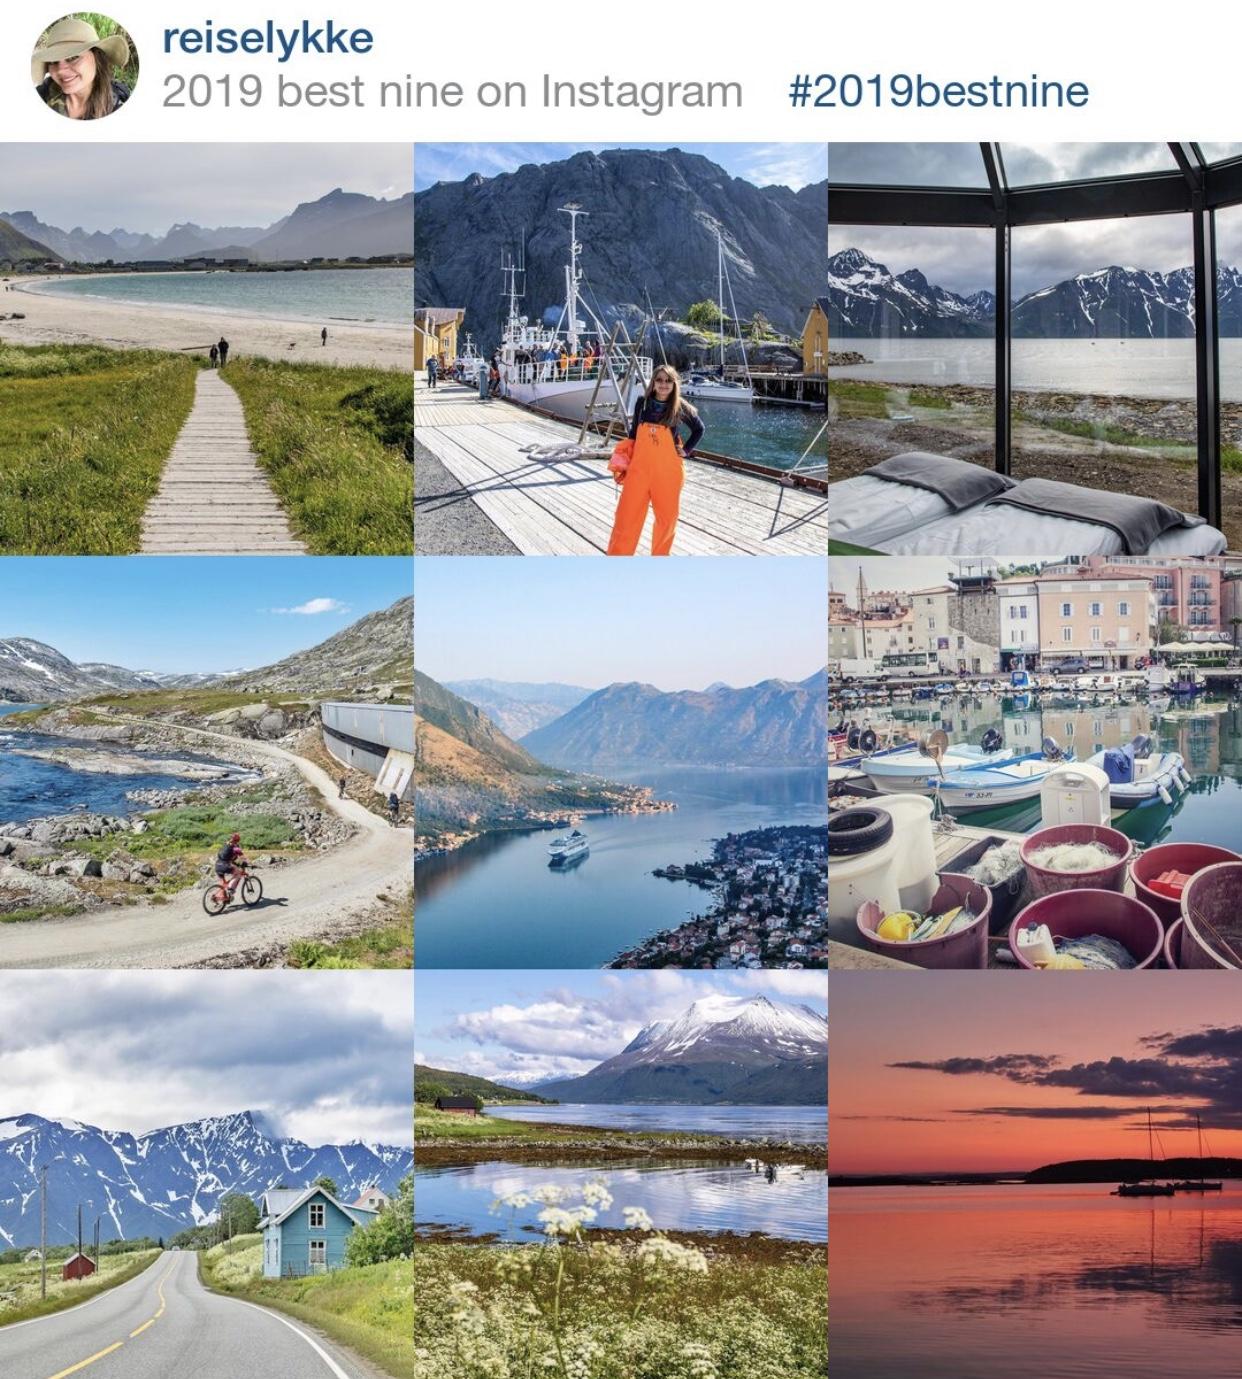 Instagram best nine Reiselykke 2019